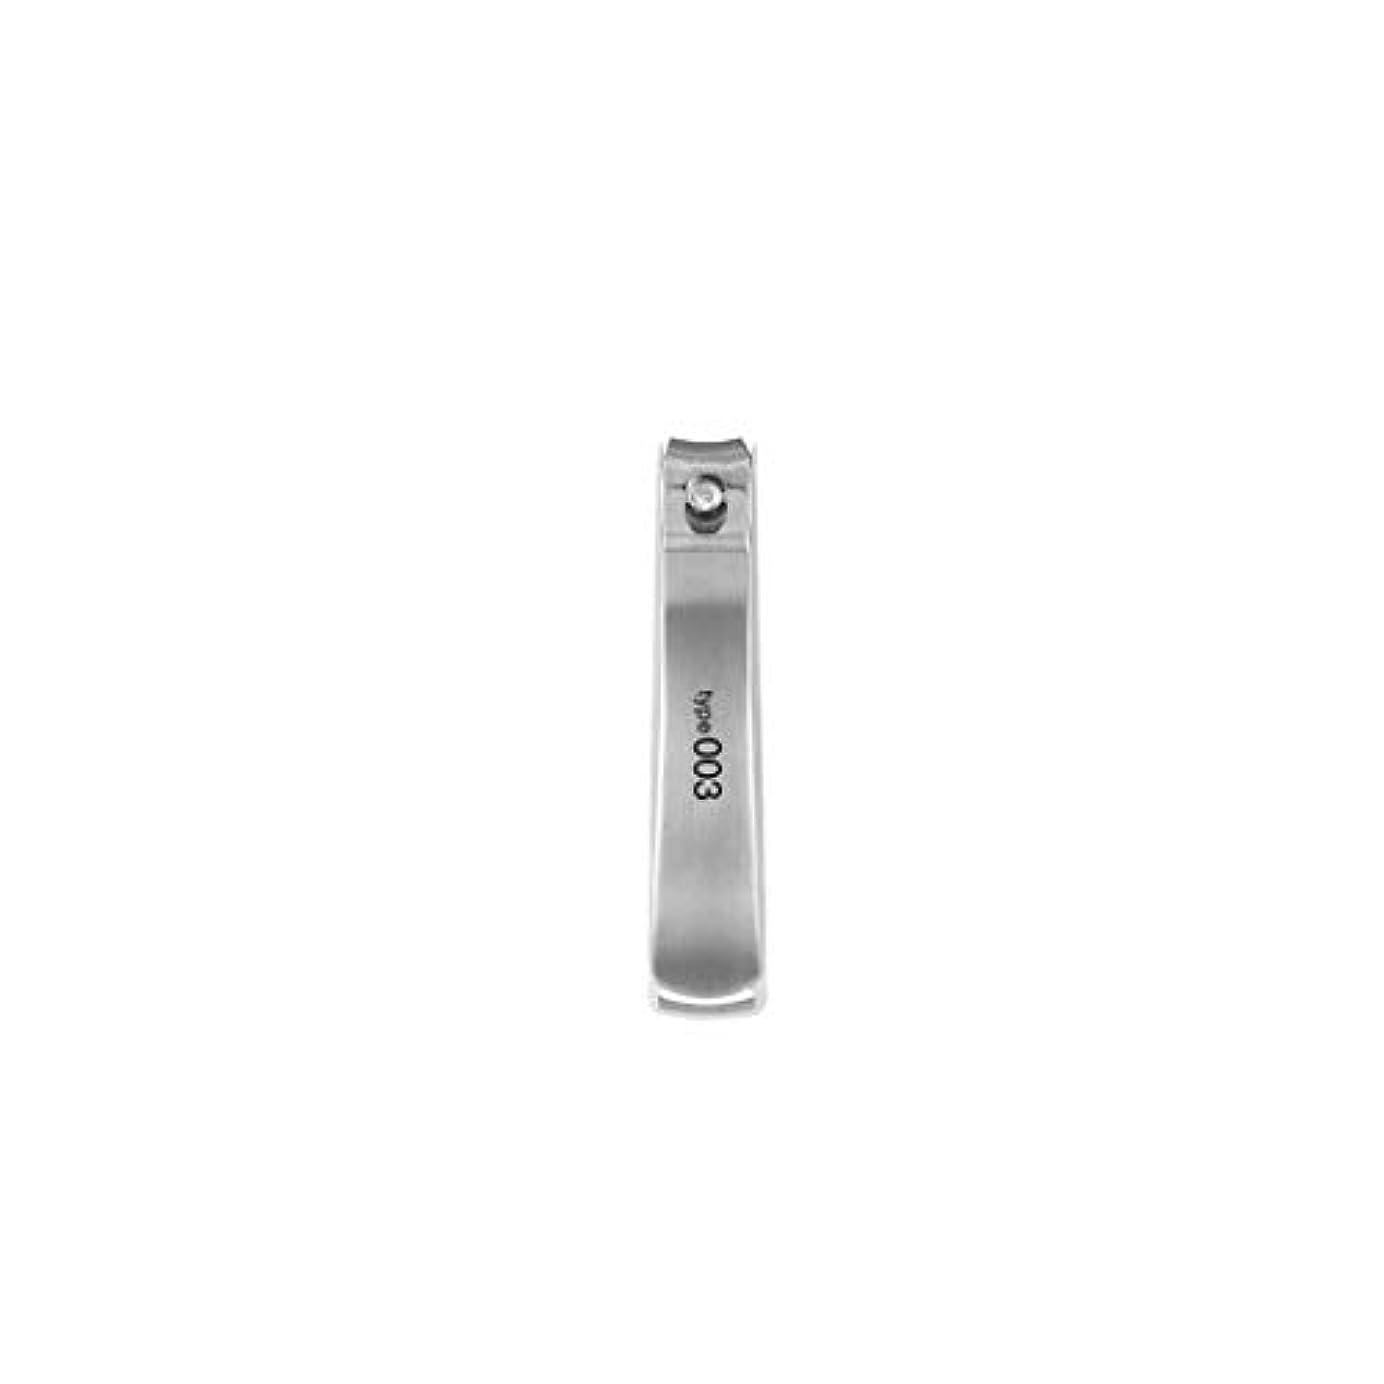 引く出発近代化する貝印 ツメキリ Type003S KE0127